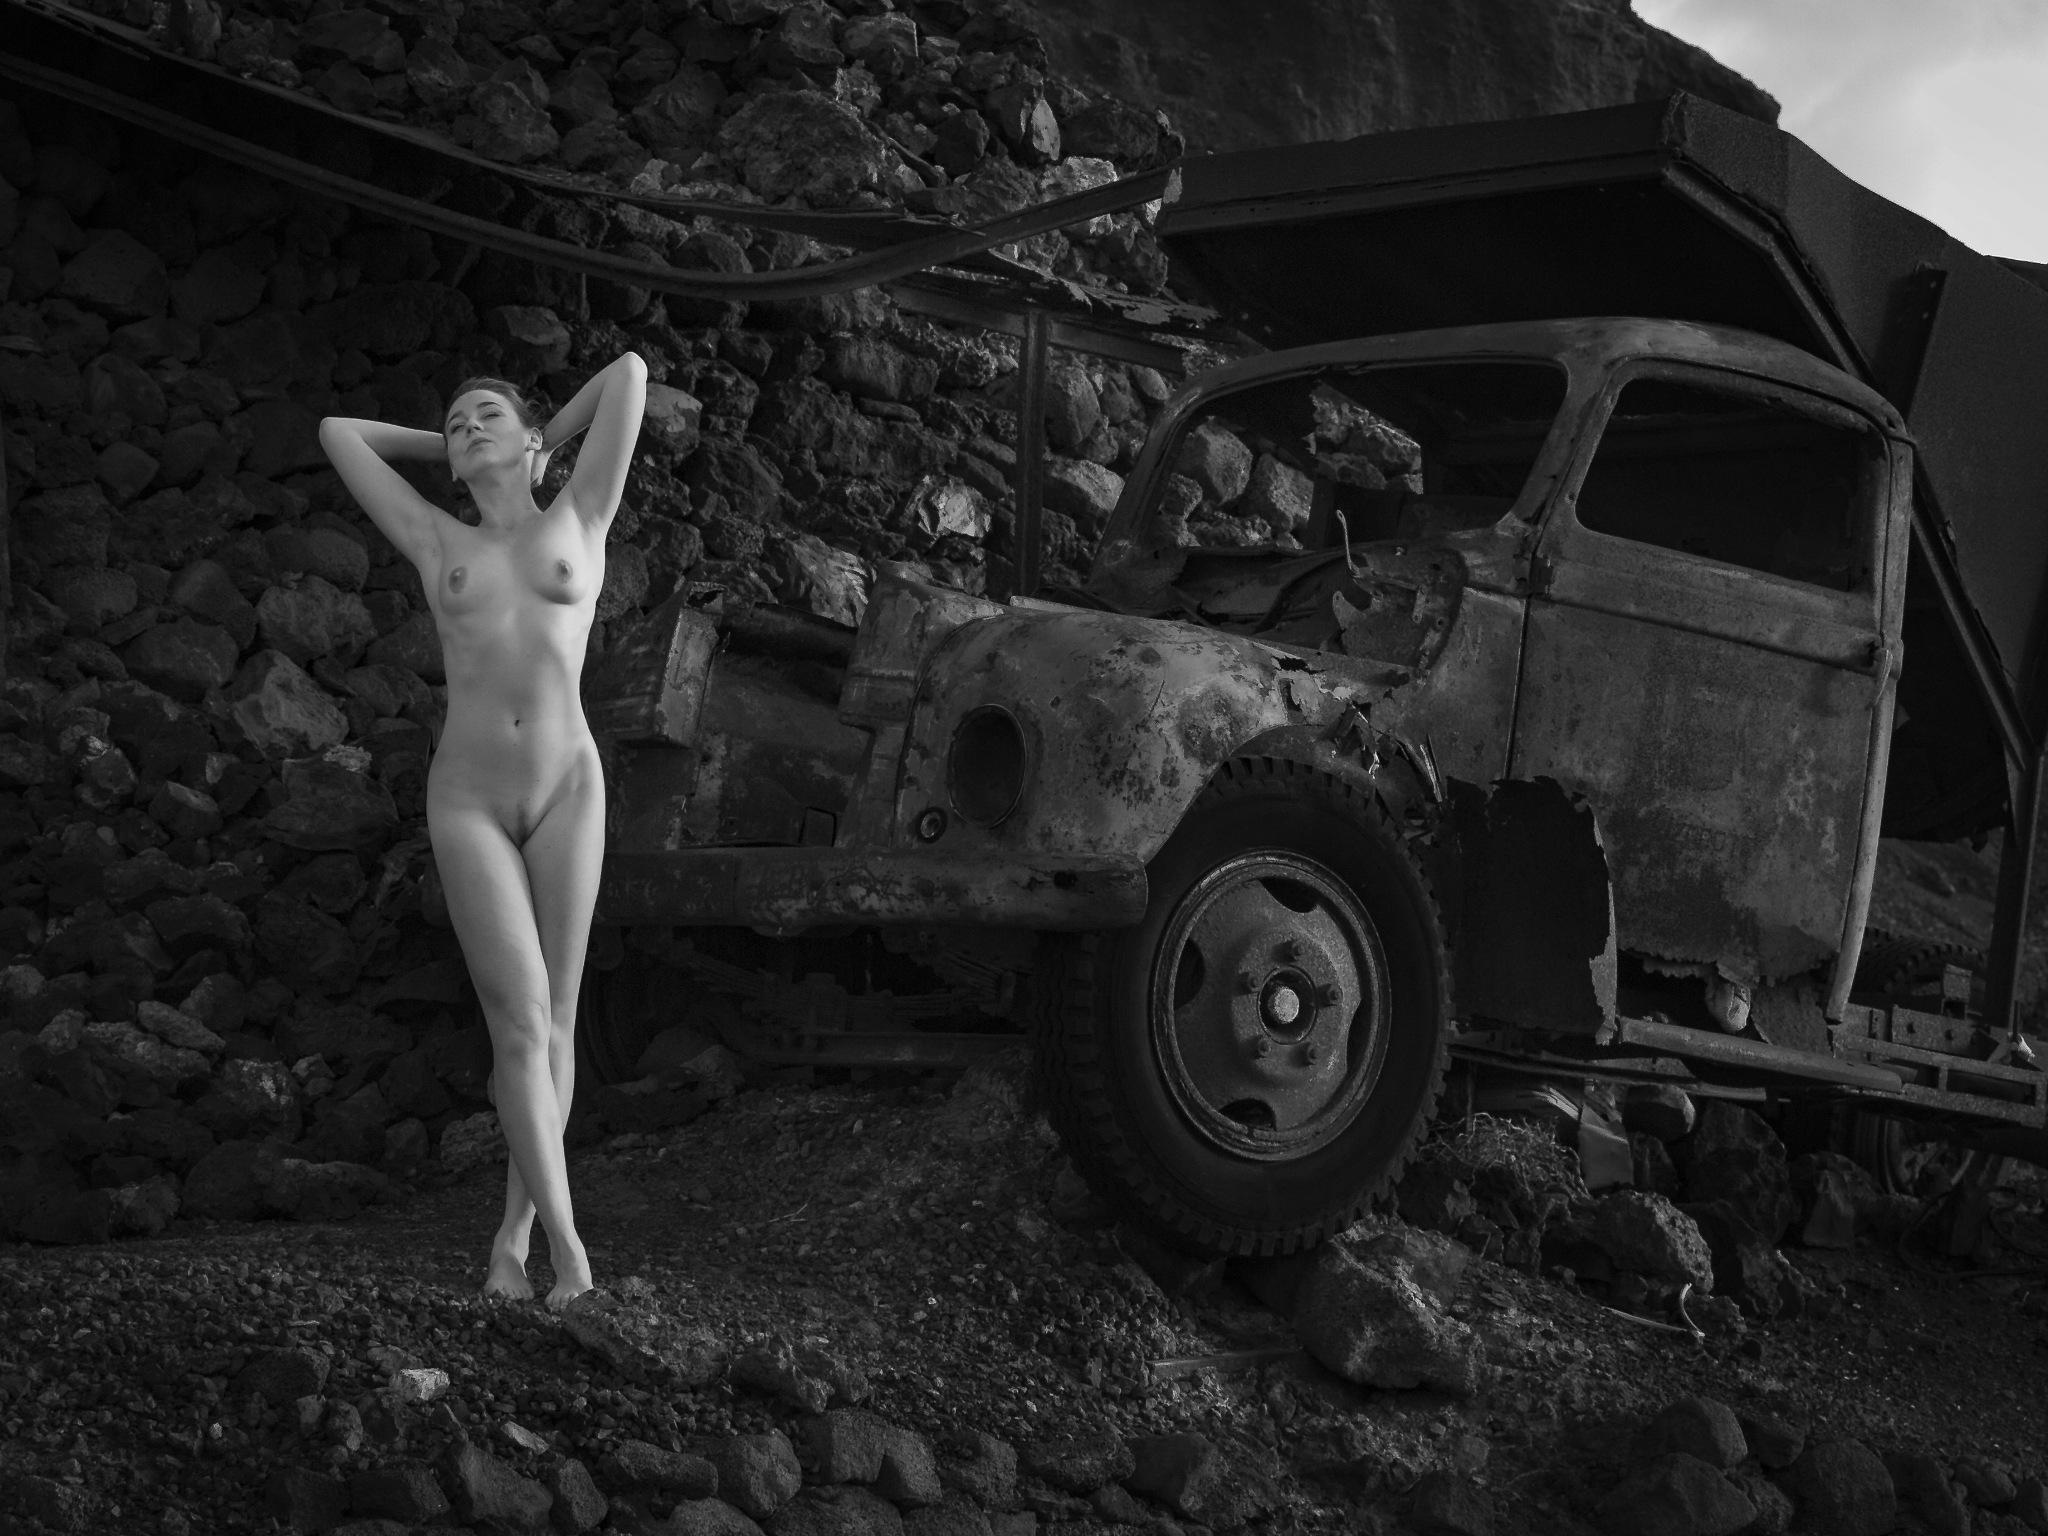 old truck ... by thomasschwarzarbeit